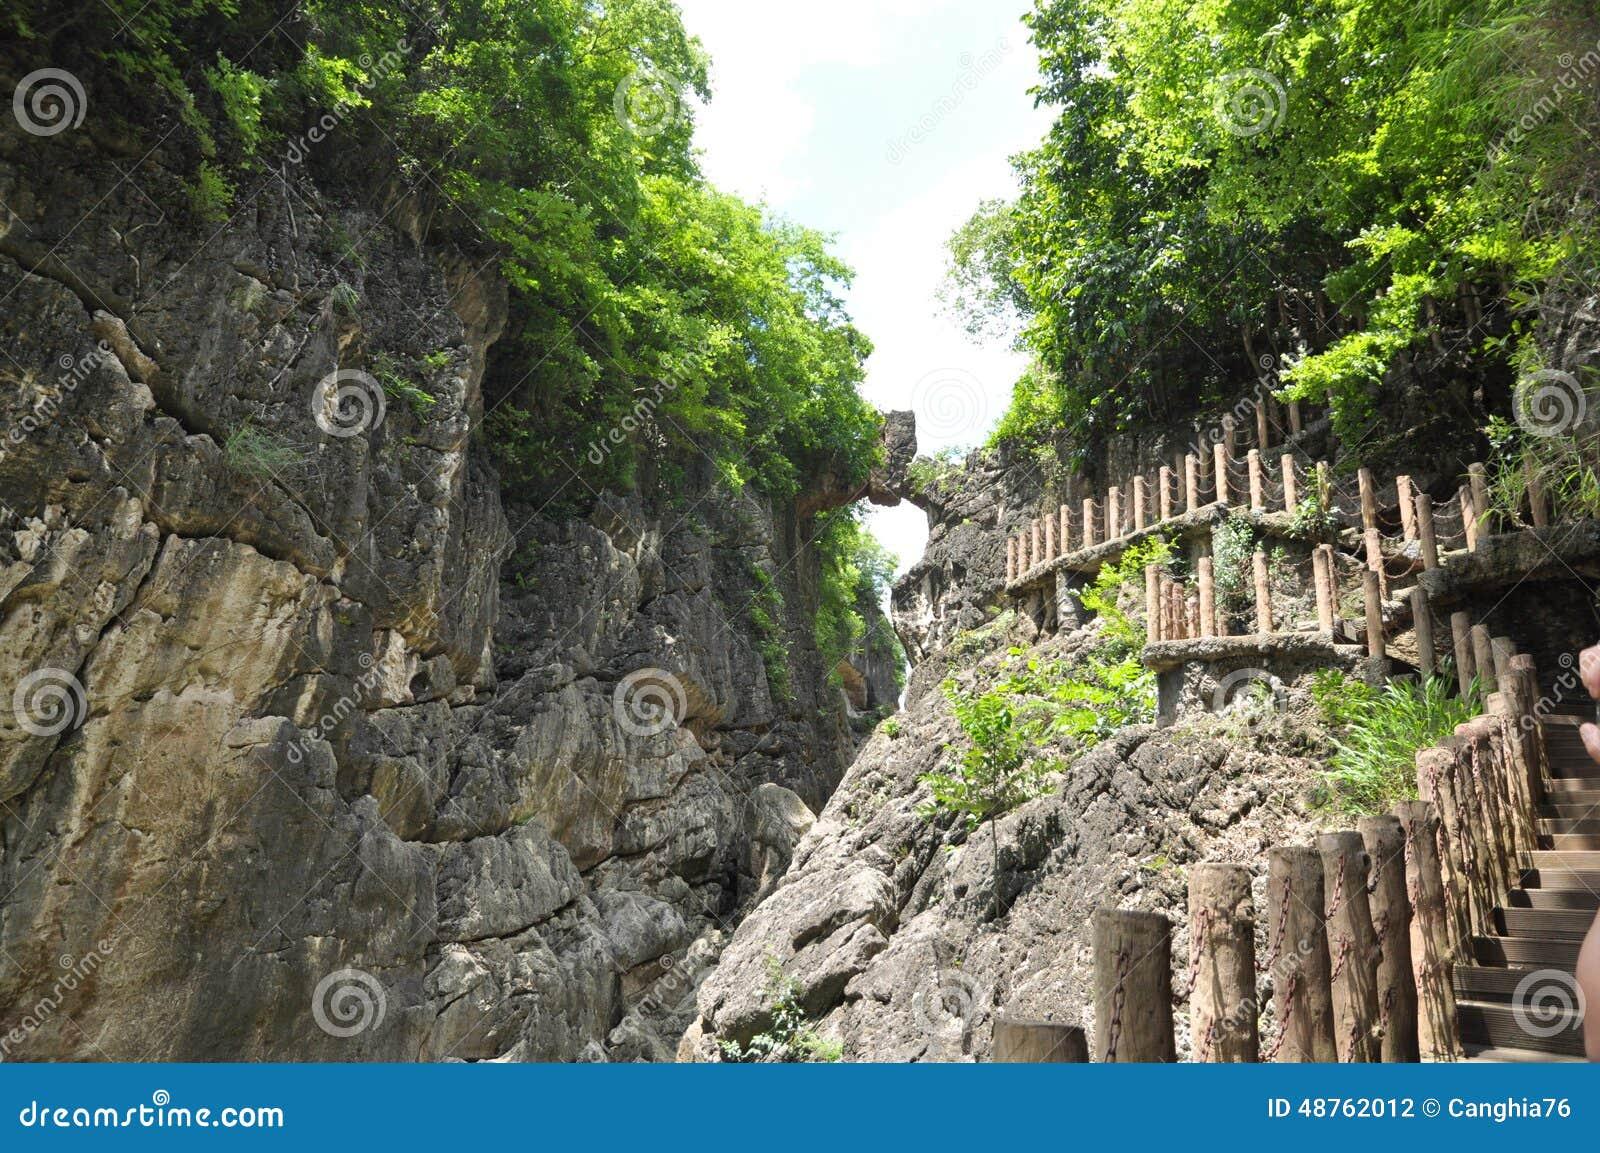 Kina guizhou anshun, landskap för sceniskt område för vattenfall för huangguoshu för stjärnafärjabro naturligt